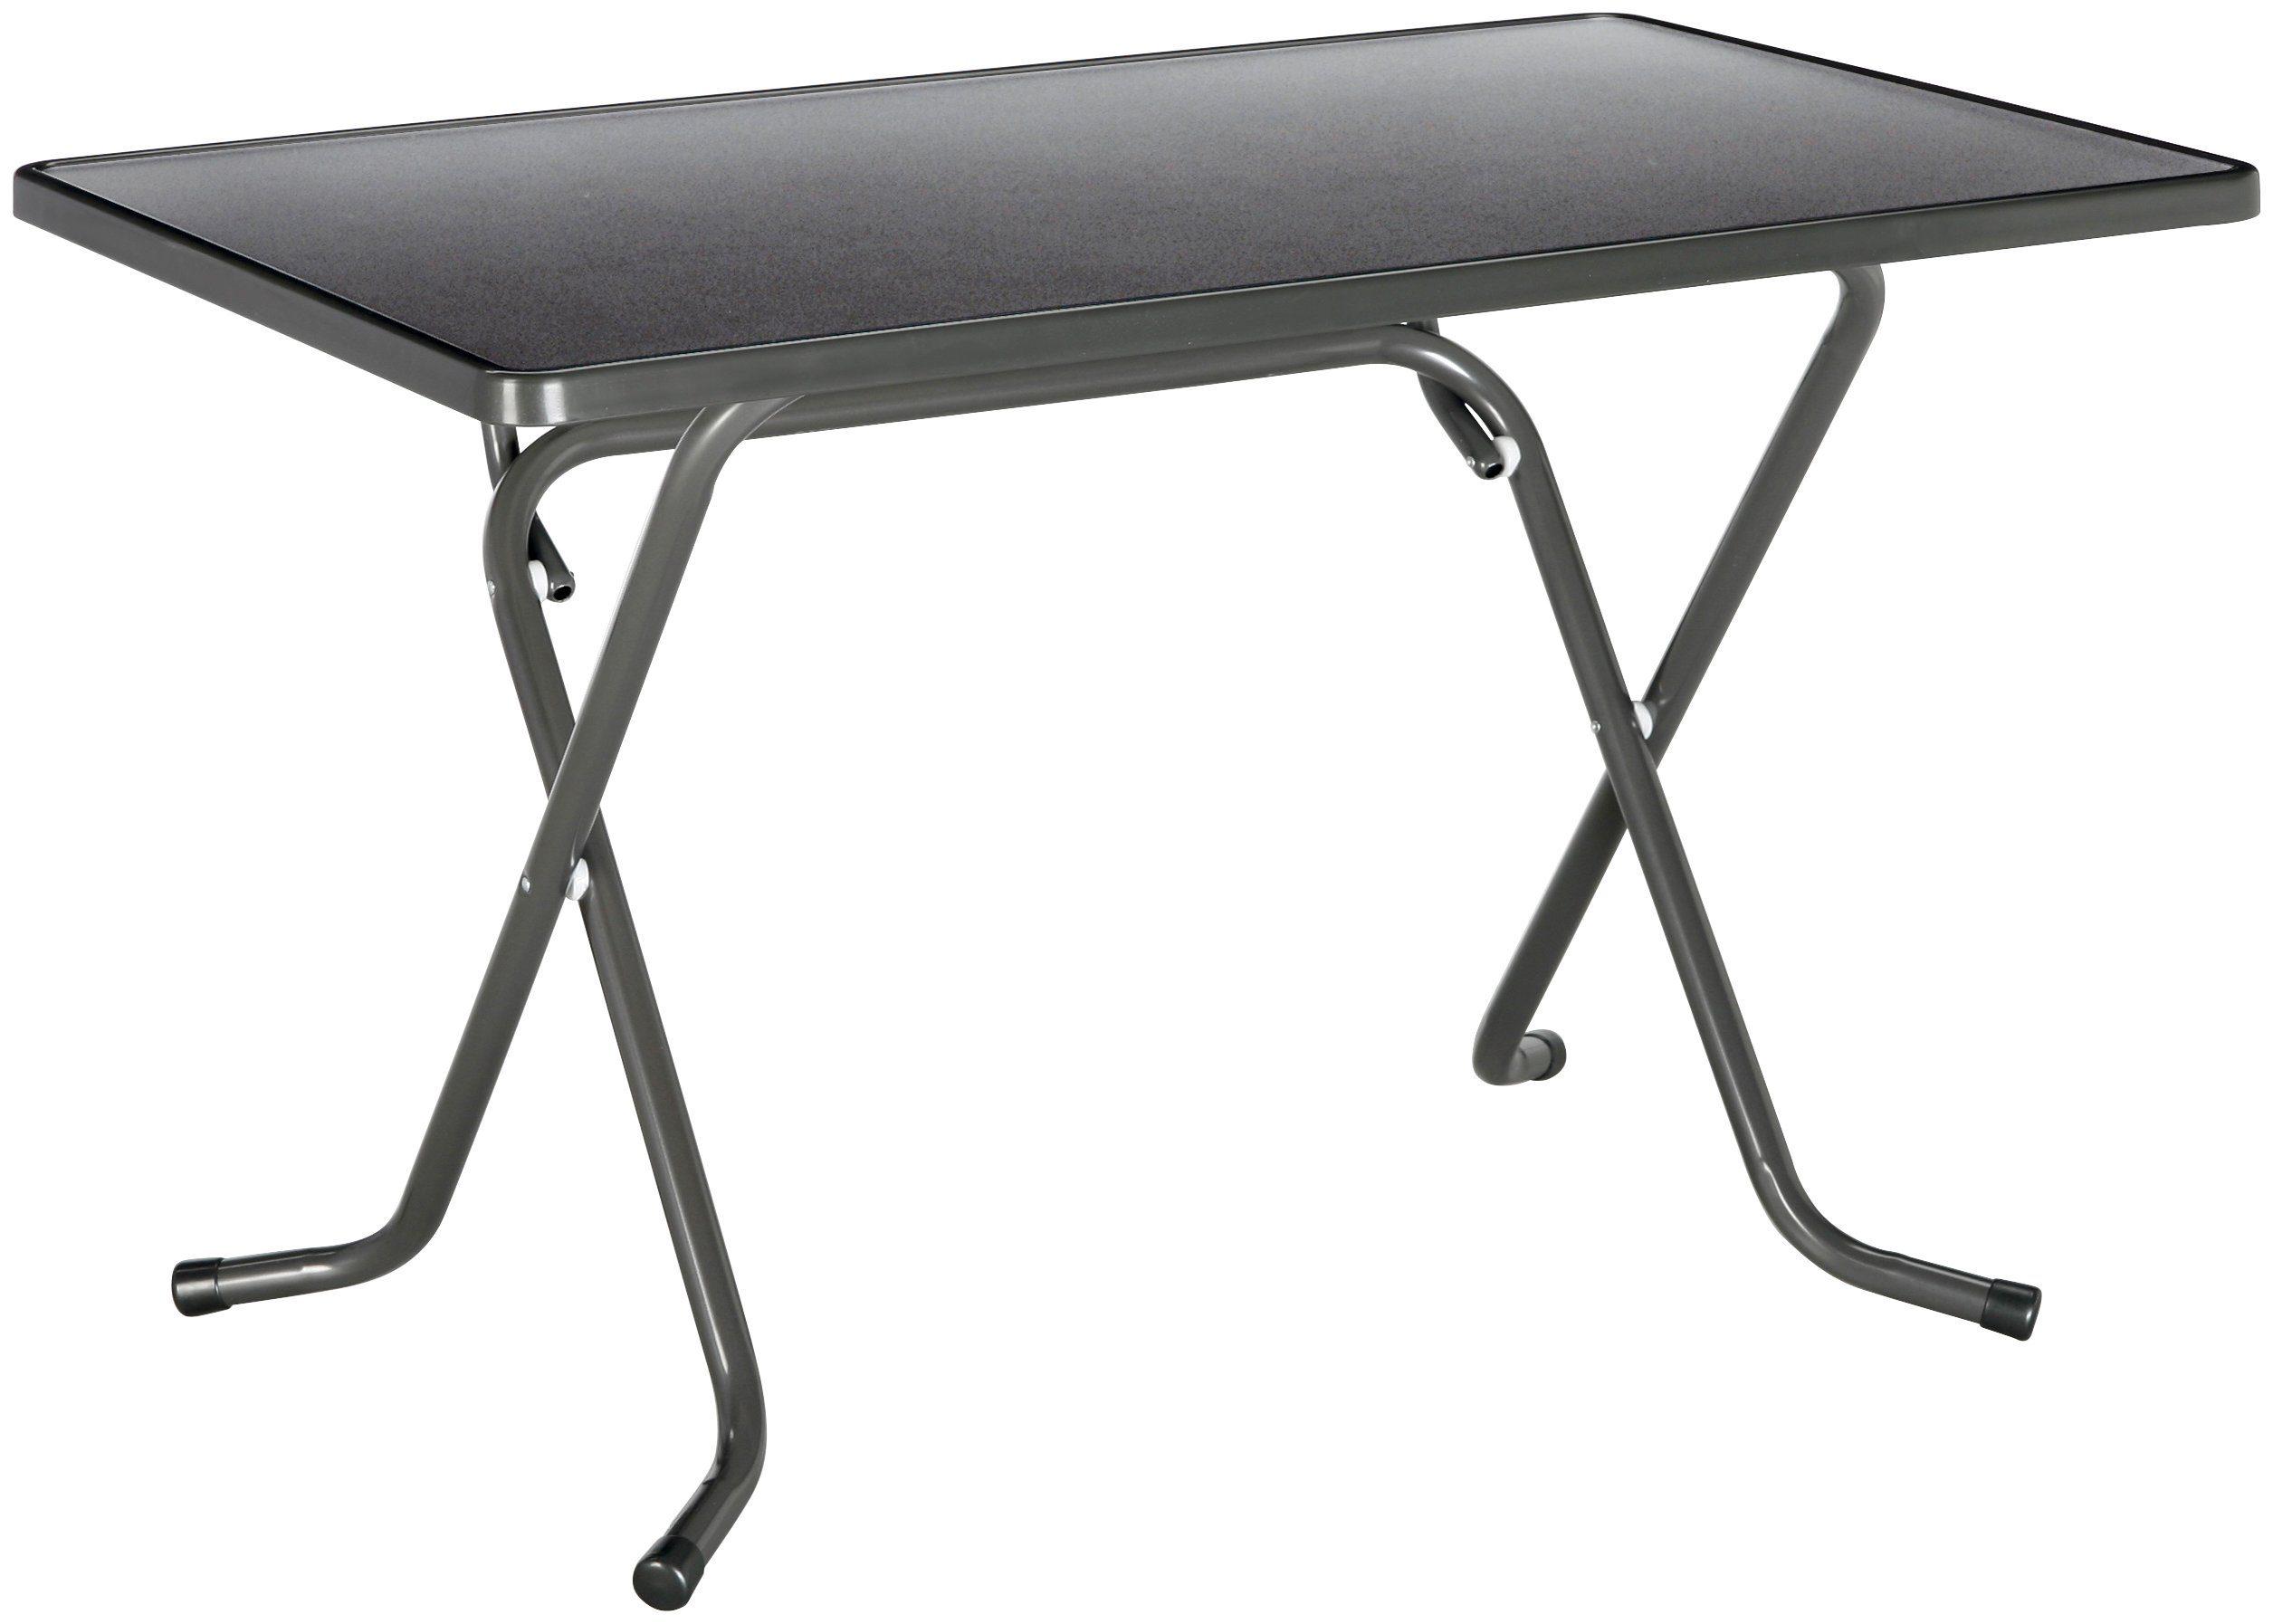 Best Gartentisch »Primo«, klappbar, Stahl/Kunststoff, 110x70 cm, anthrazit